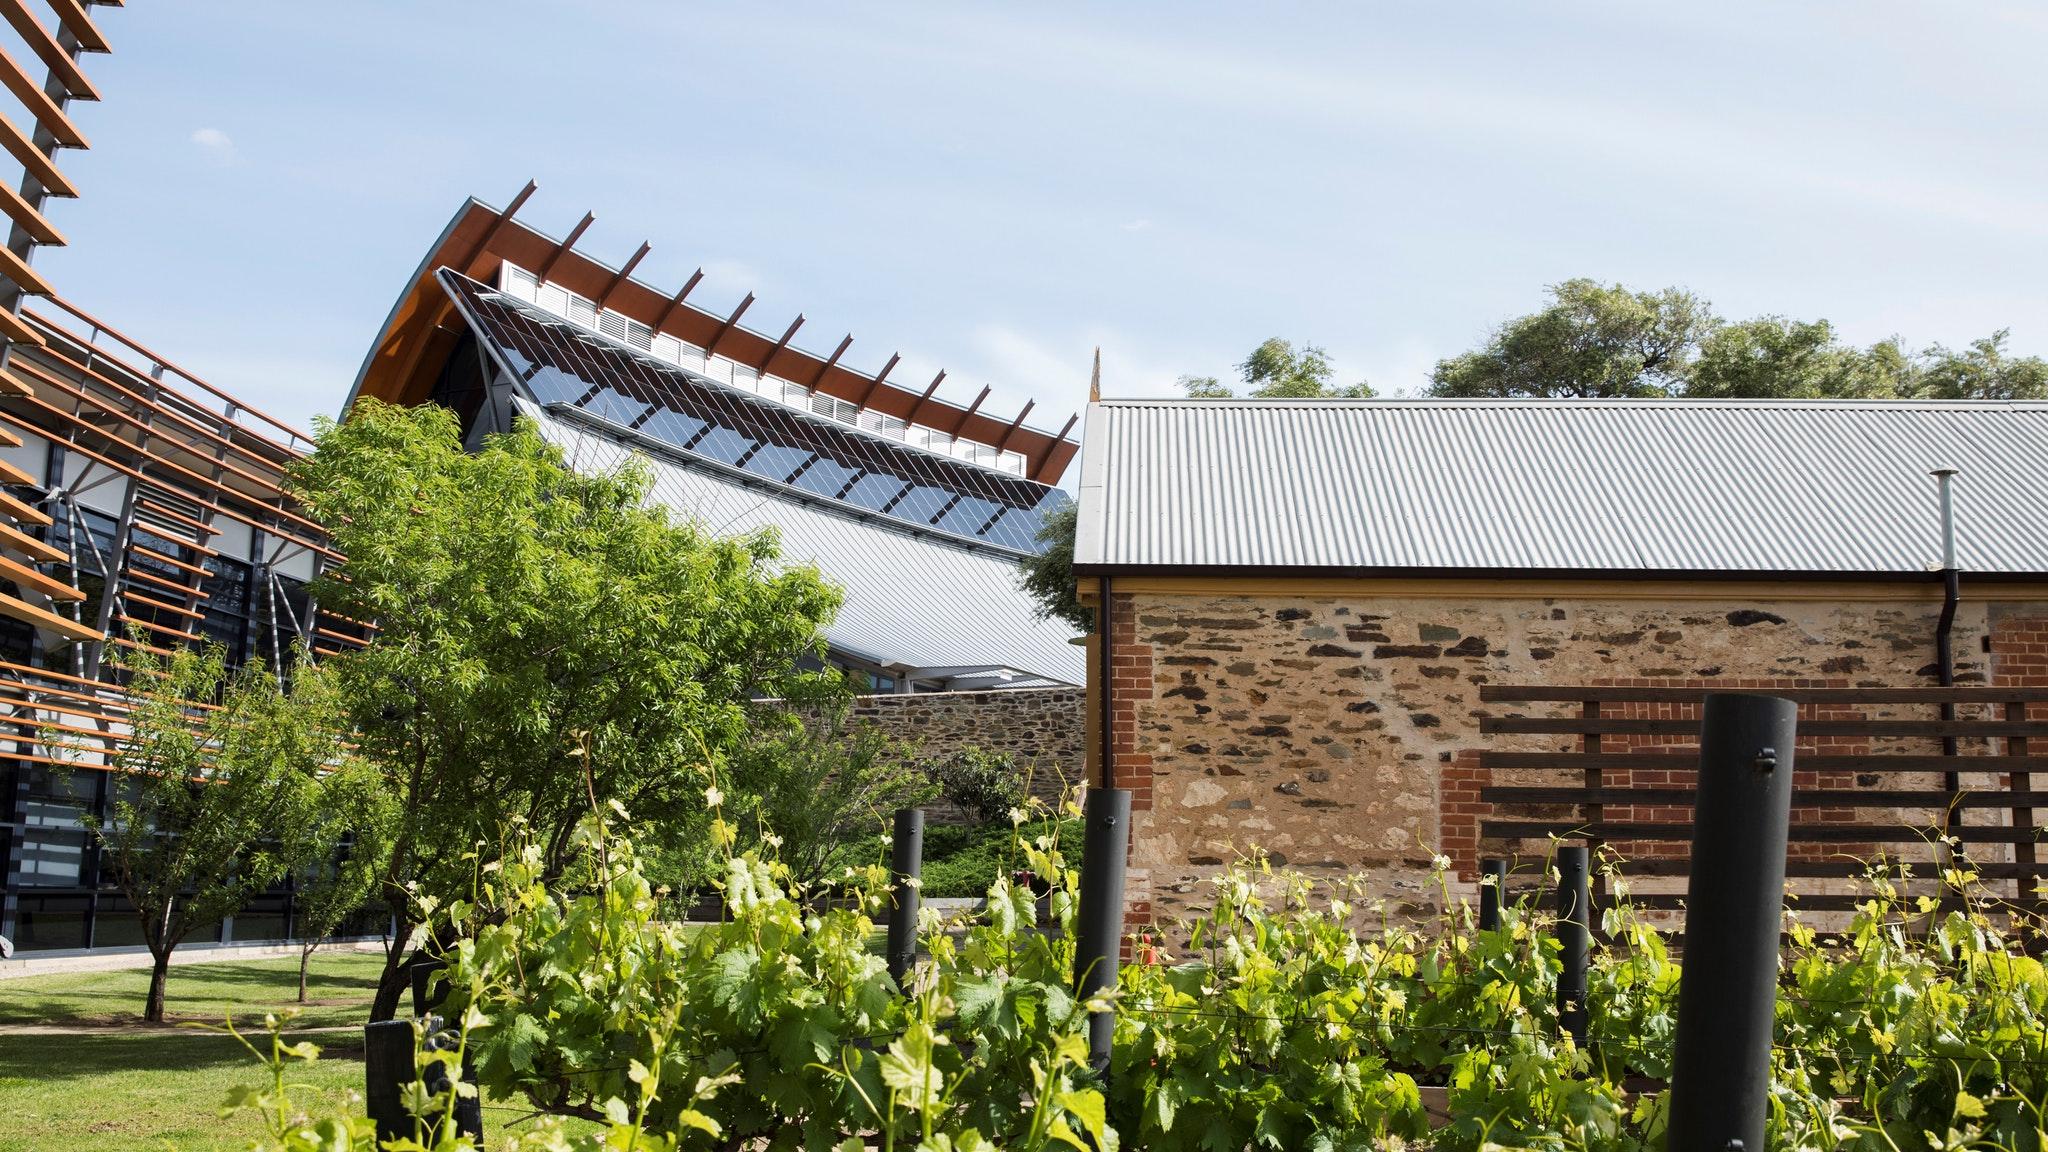 National-Wine-Centre-Australia-1.jpg